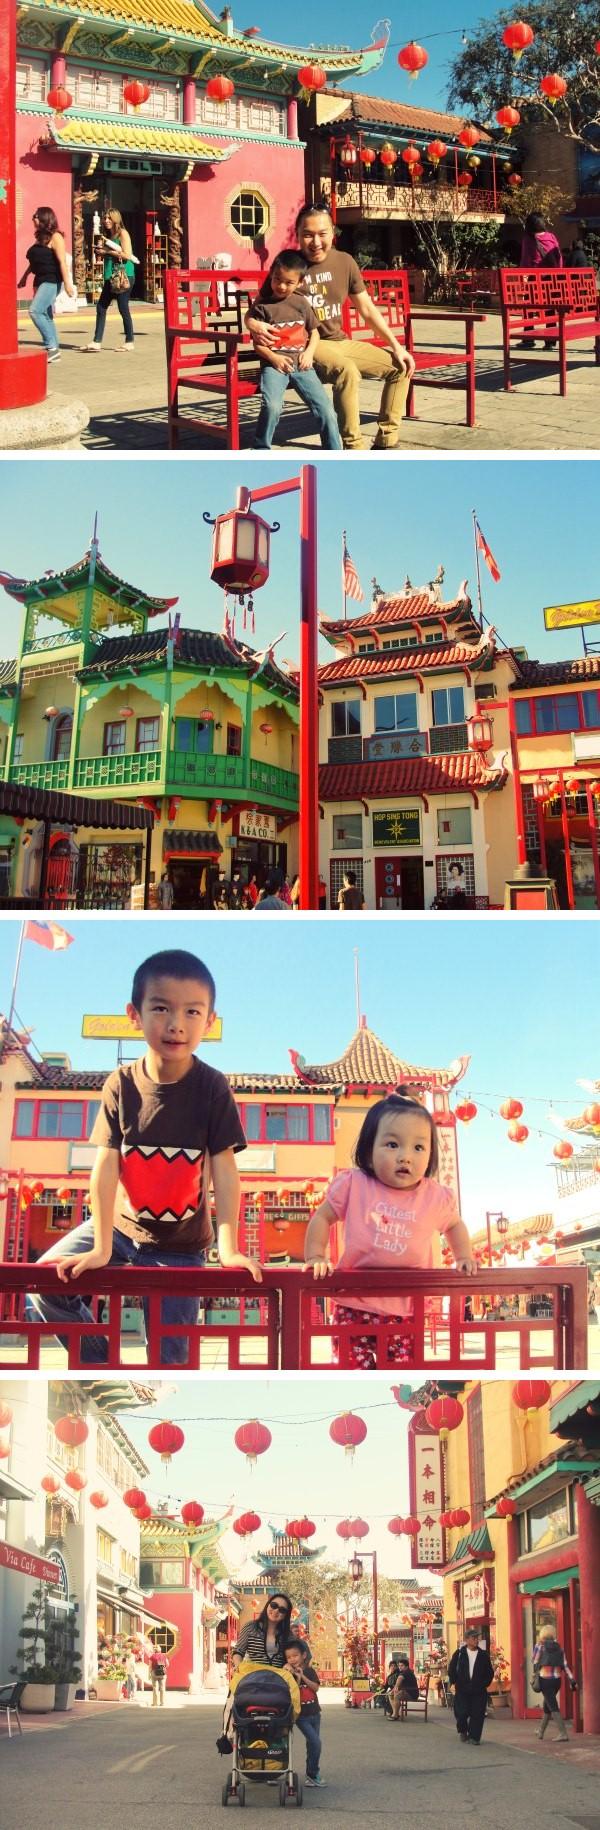 chinatown bangunan